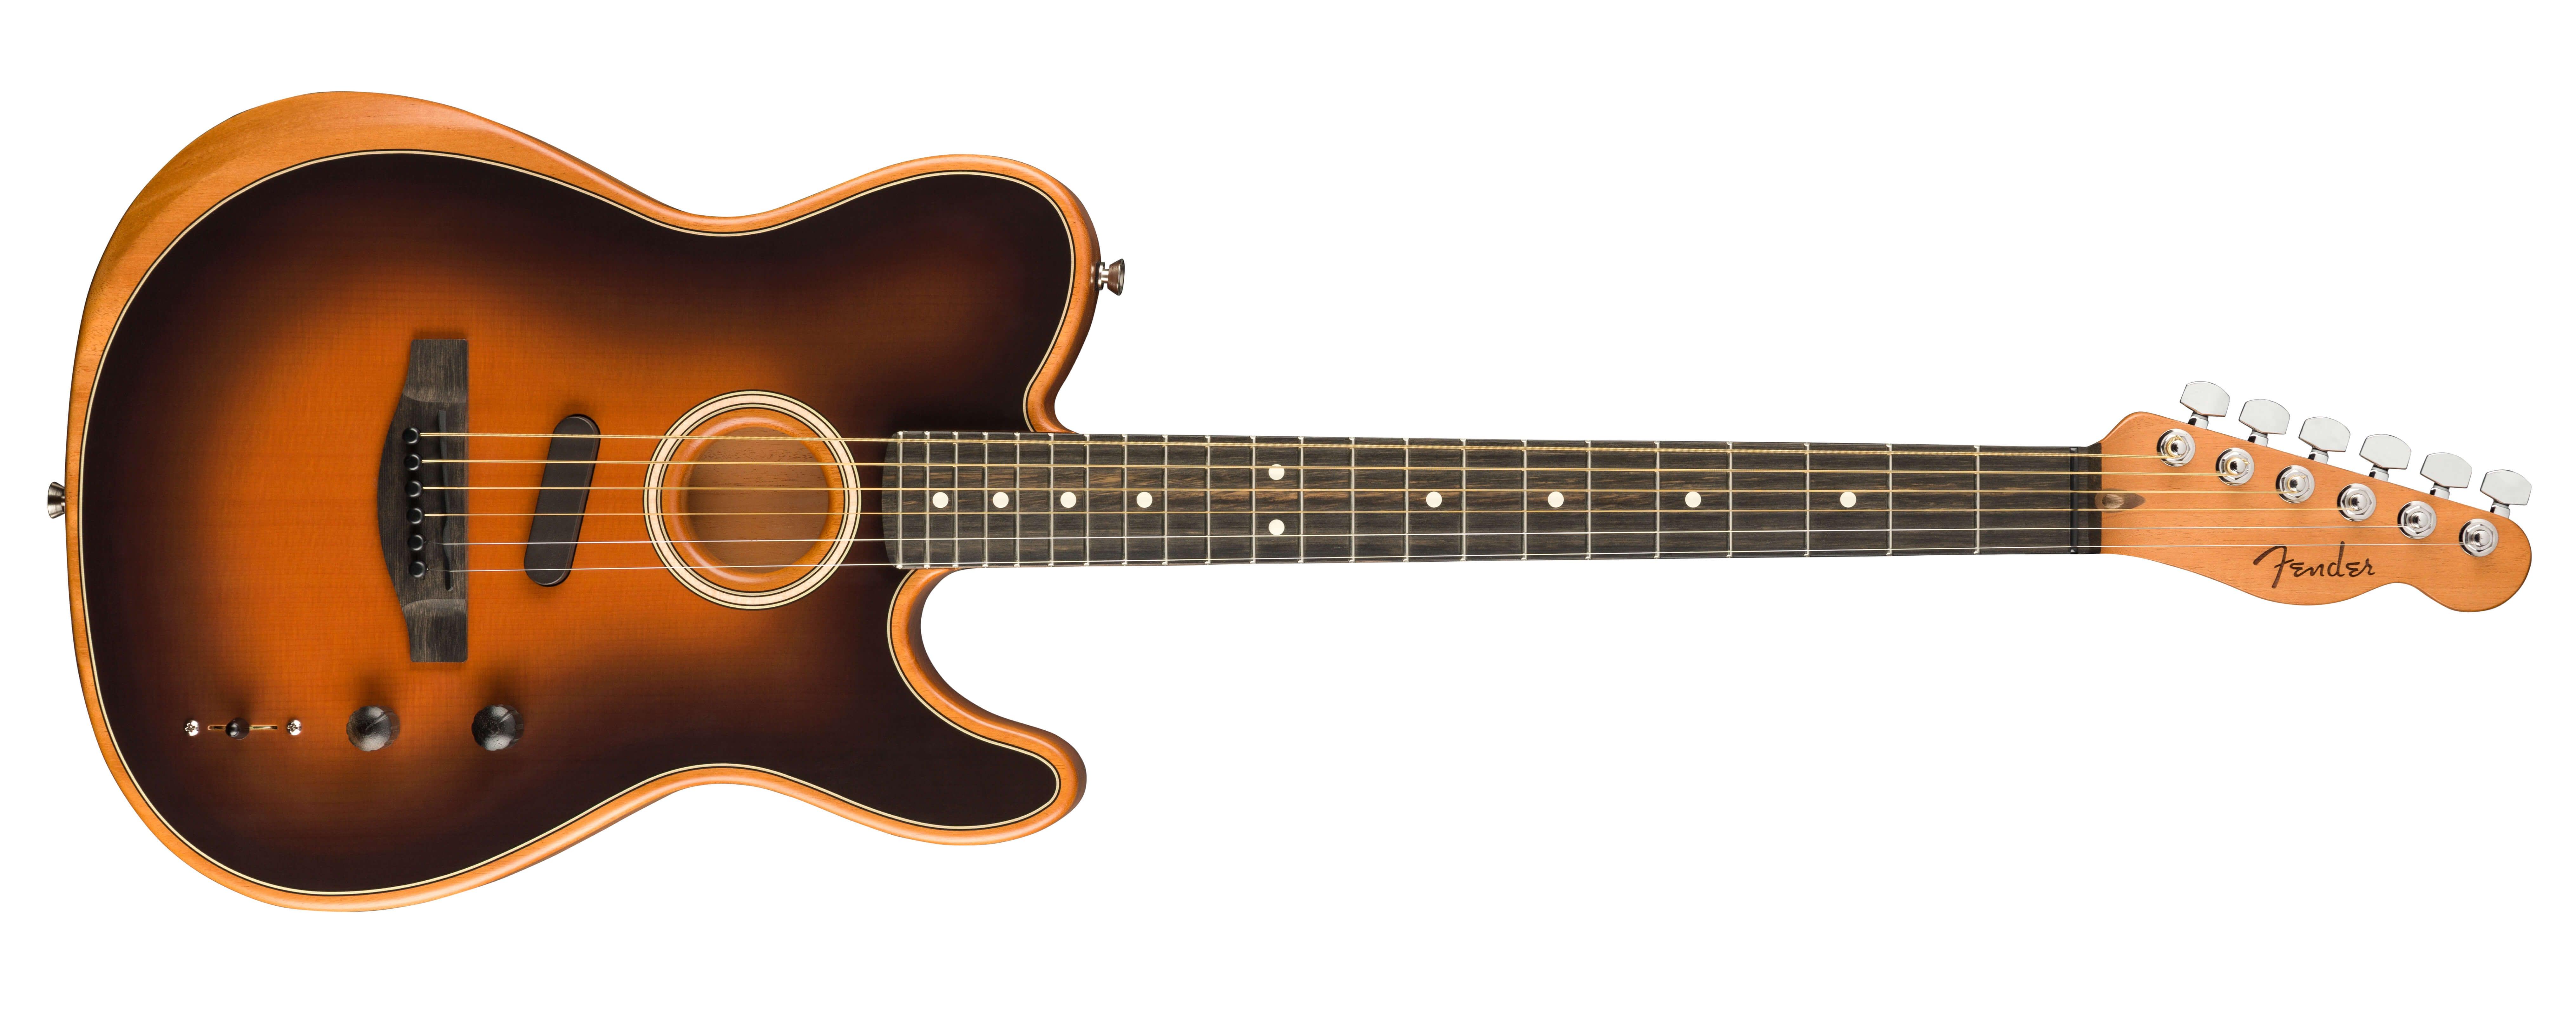 NAMM 2019 Fender American Acoustasonic Series Telecaster